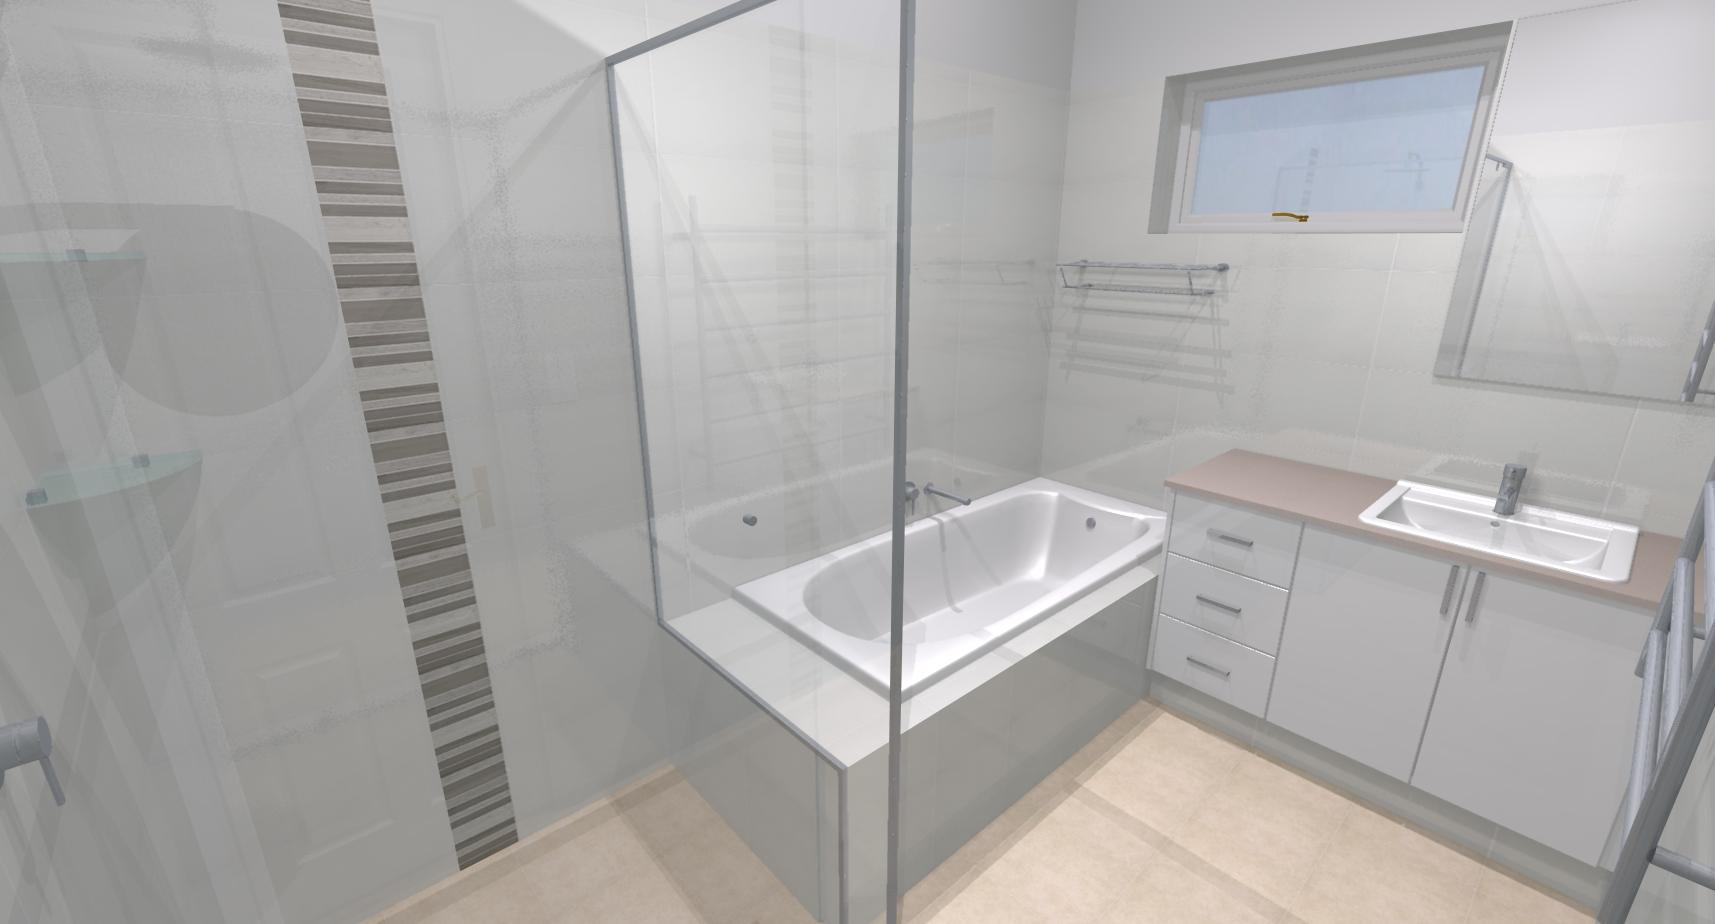 Simon elly m bathroom bathroom renovations perth for Bathroom renovations 3d